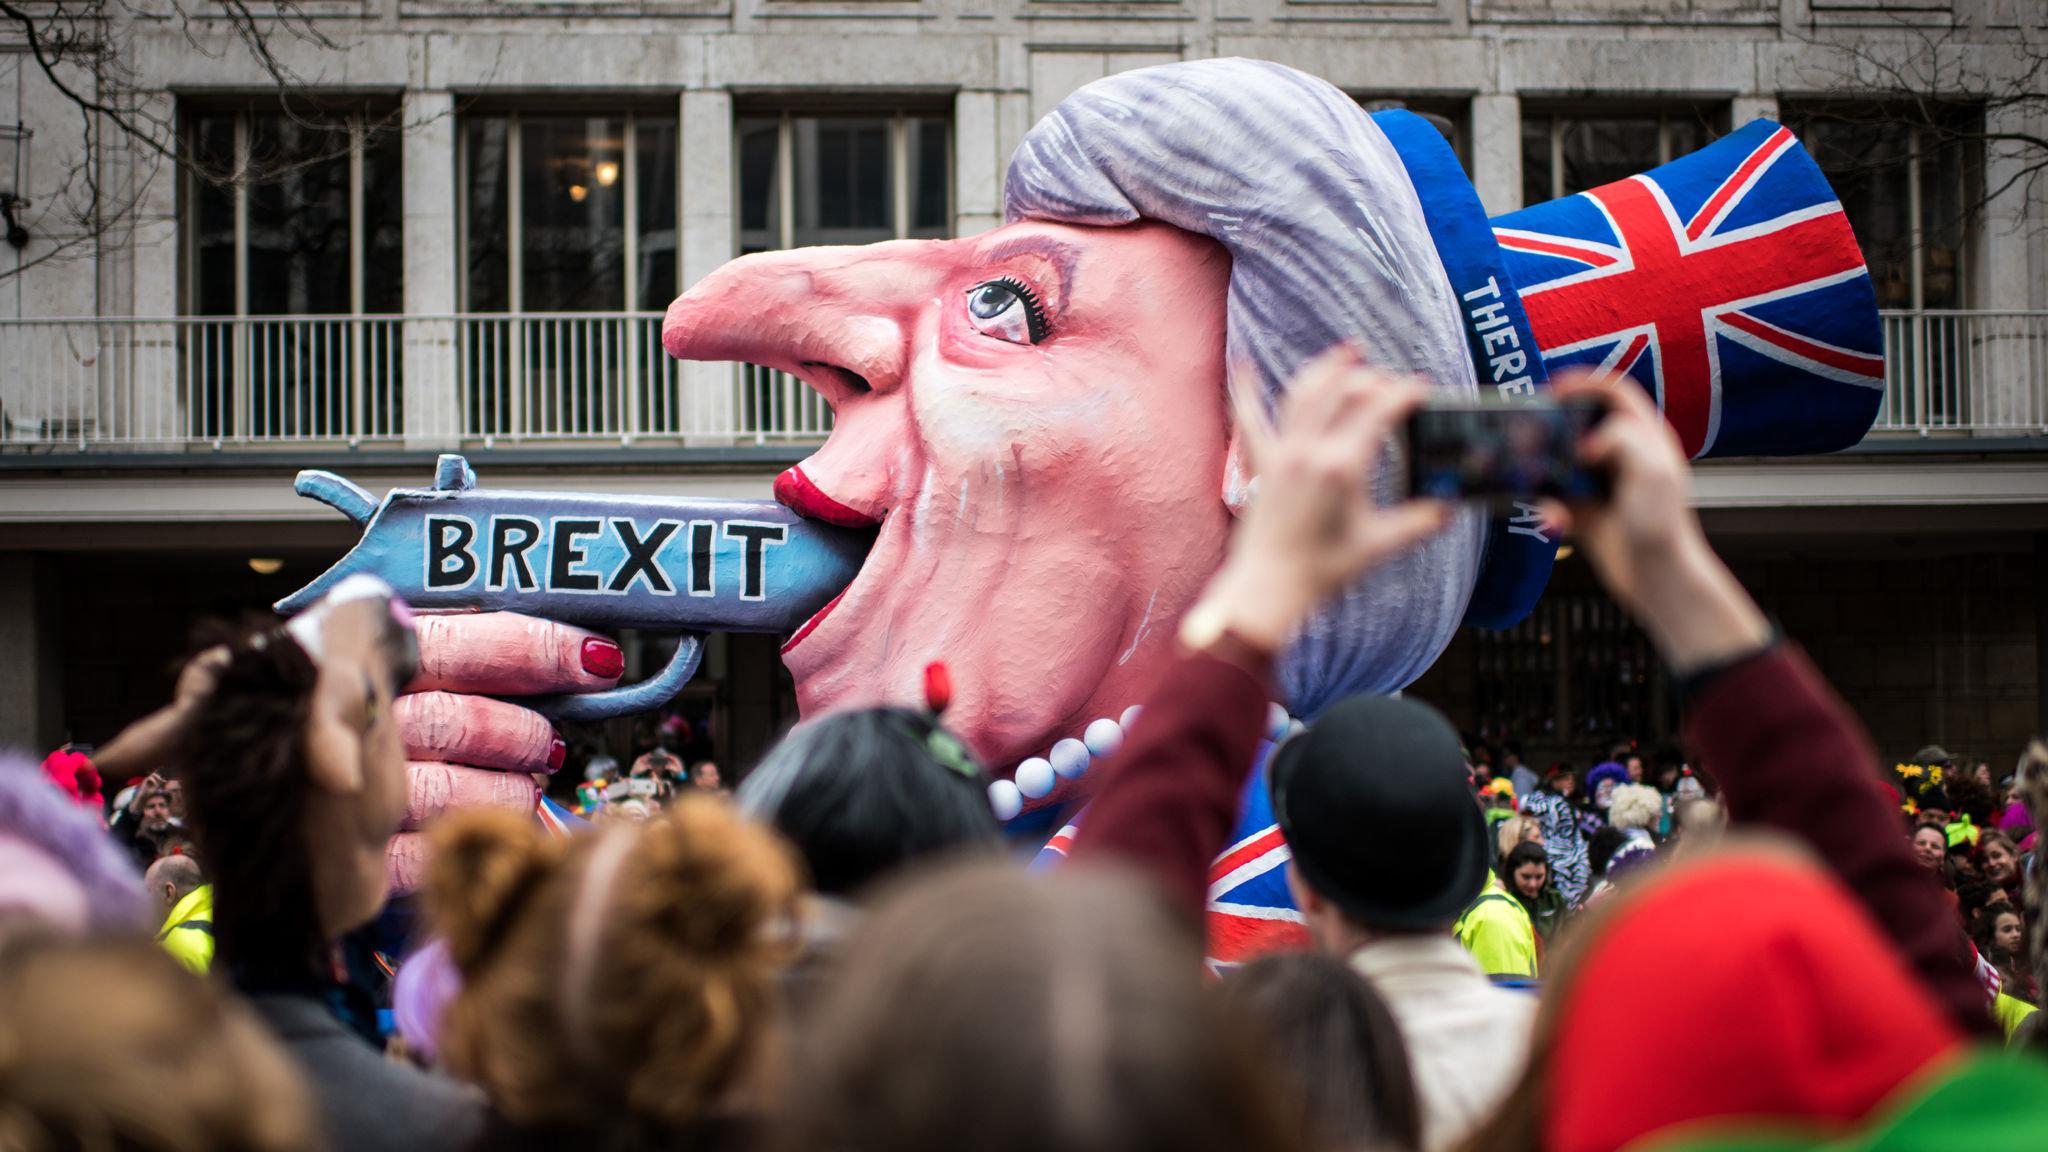 Brexit, Trump and Merkel skewered by carnival art maestro